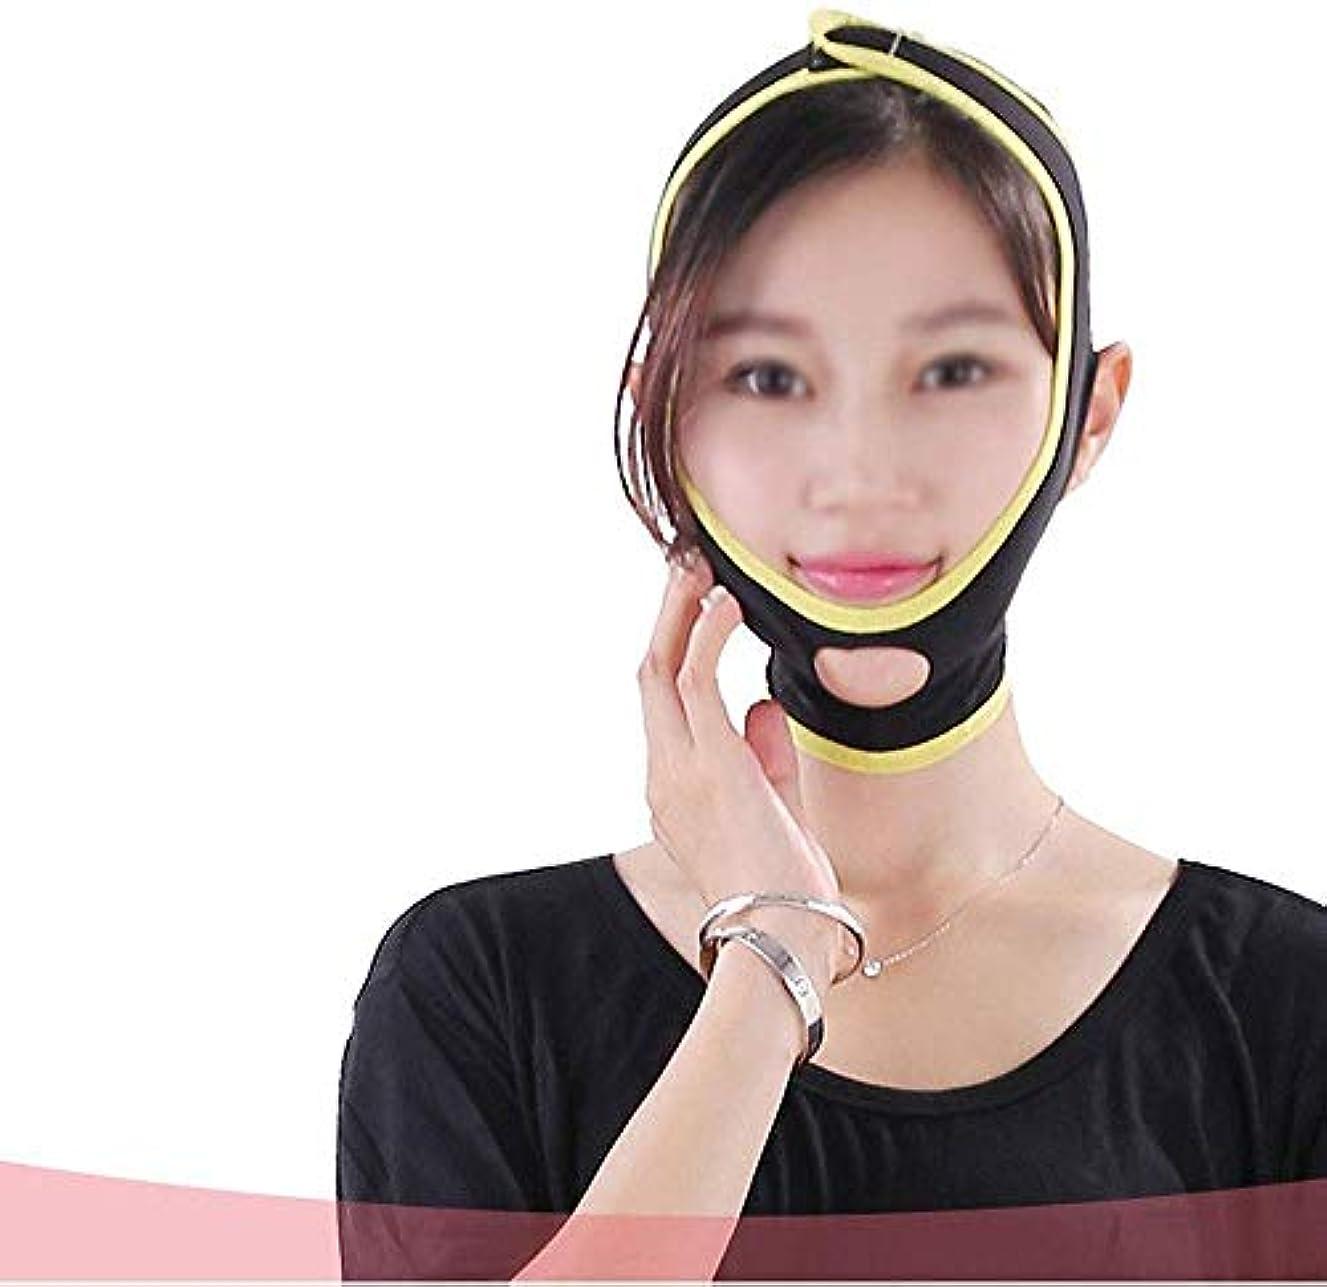 セールスマンベアリングサークル病弱スリミングVフェイスマスク、薄型フェイスバンデージ、通気性睡眠スモールVフェイスマスクリフト引き締め肌アーティファクトダブルチン顔の減量包帯(サイズ:M)